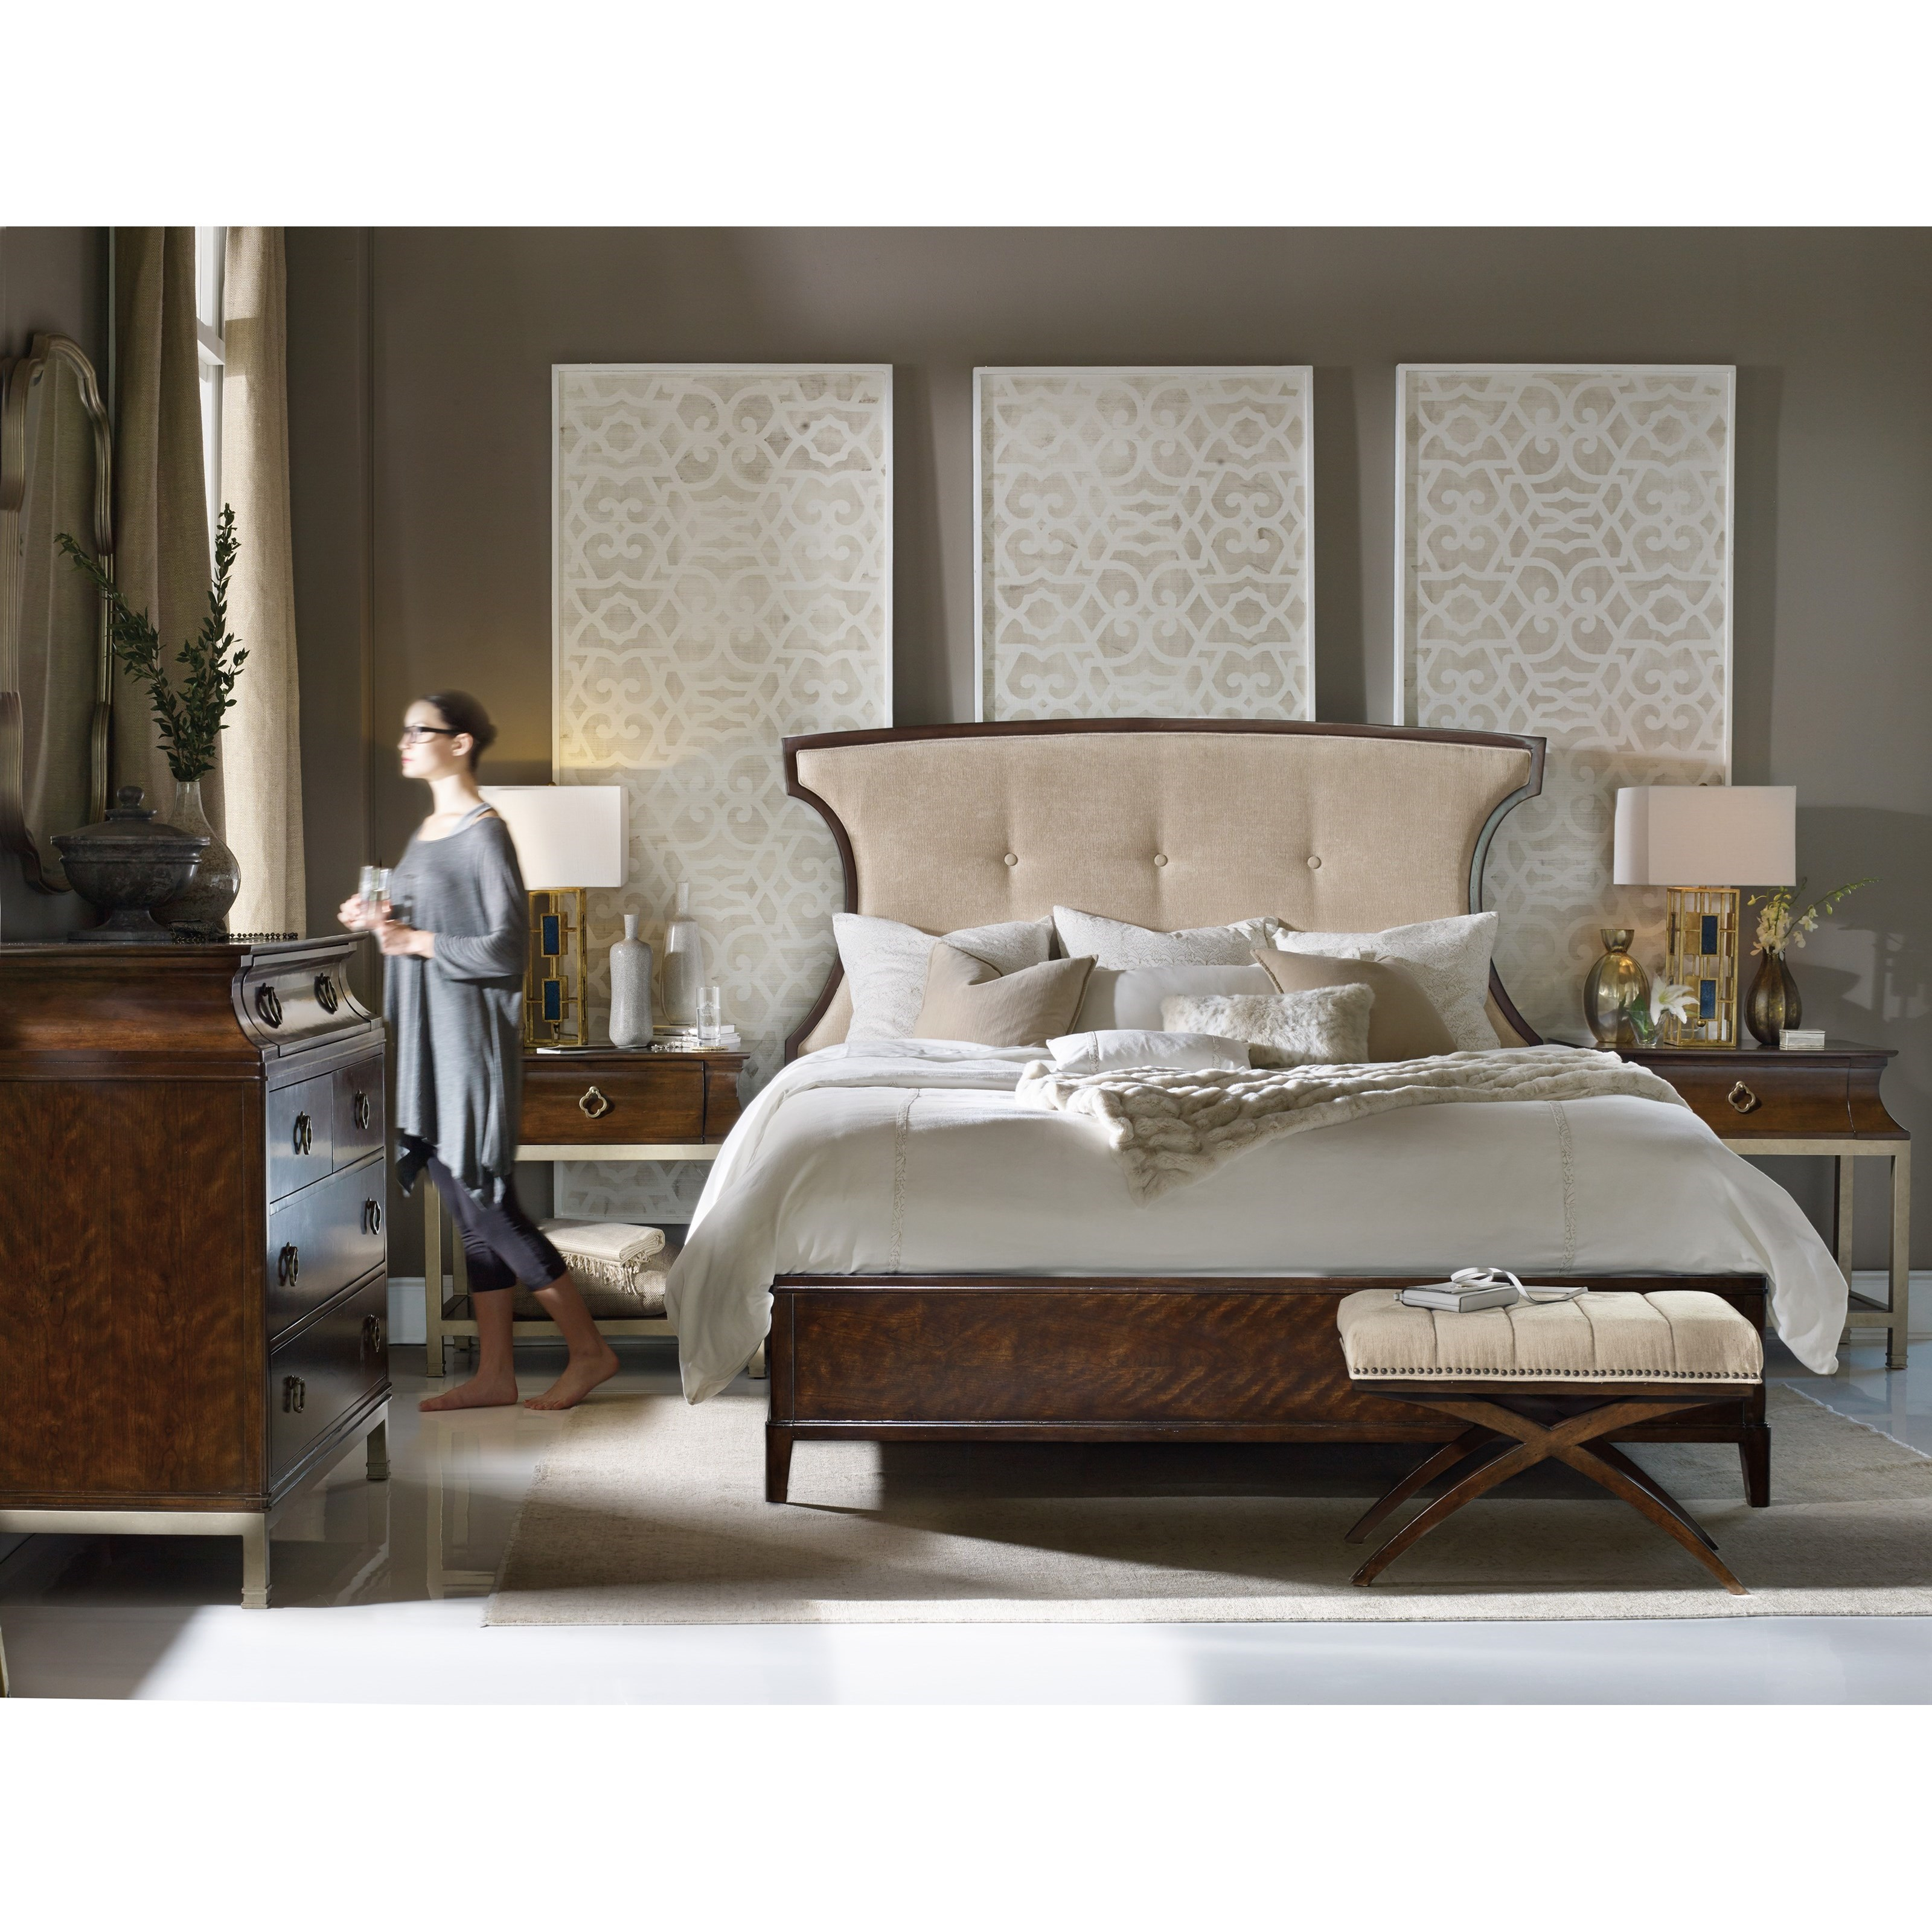 https://images.furnituredealer.net/img/products%2Fhooker_furniture%2Fcolor%2Fskyline--506075203_5336%20q%20bedroom%20group%202-b1.jpg